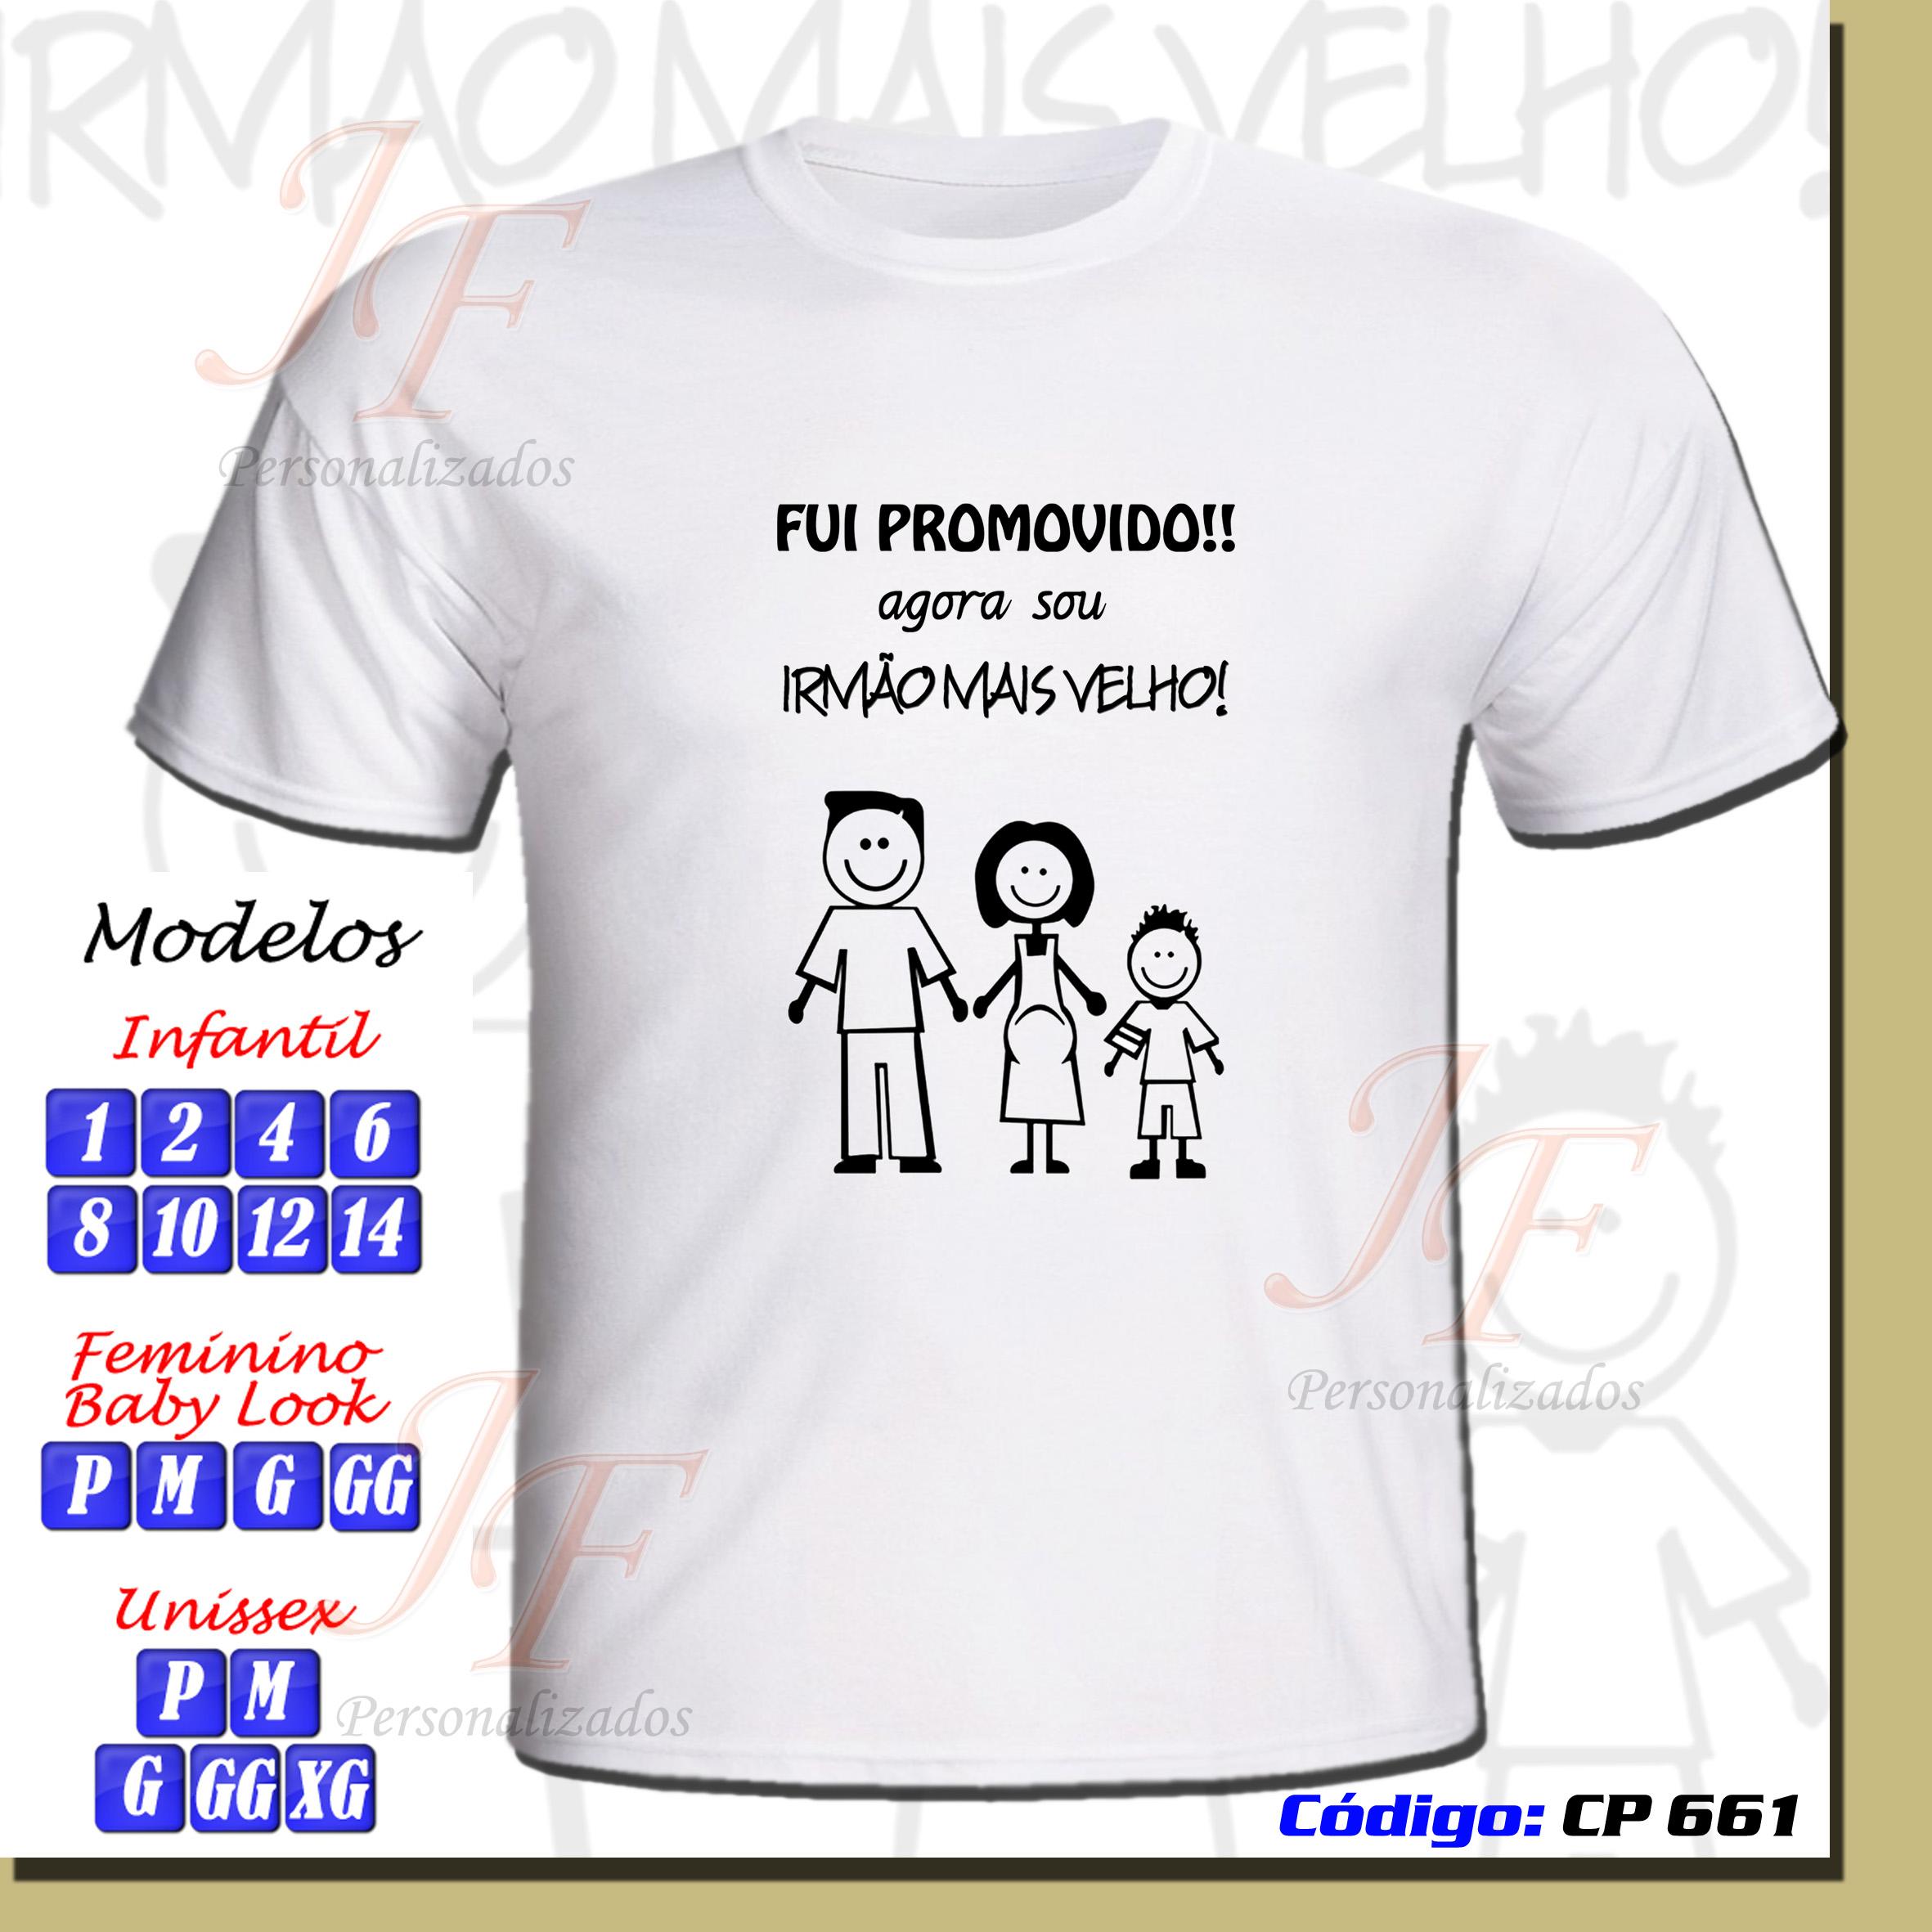 Camisetas Personalizadas Para Irma Elo7